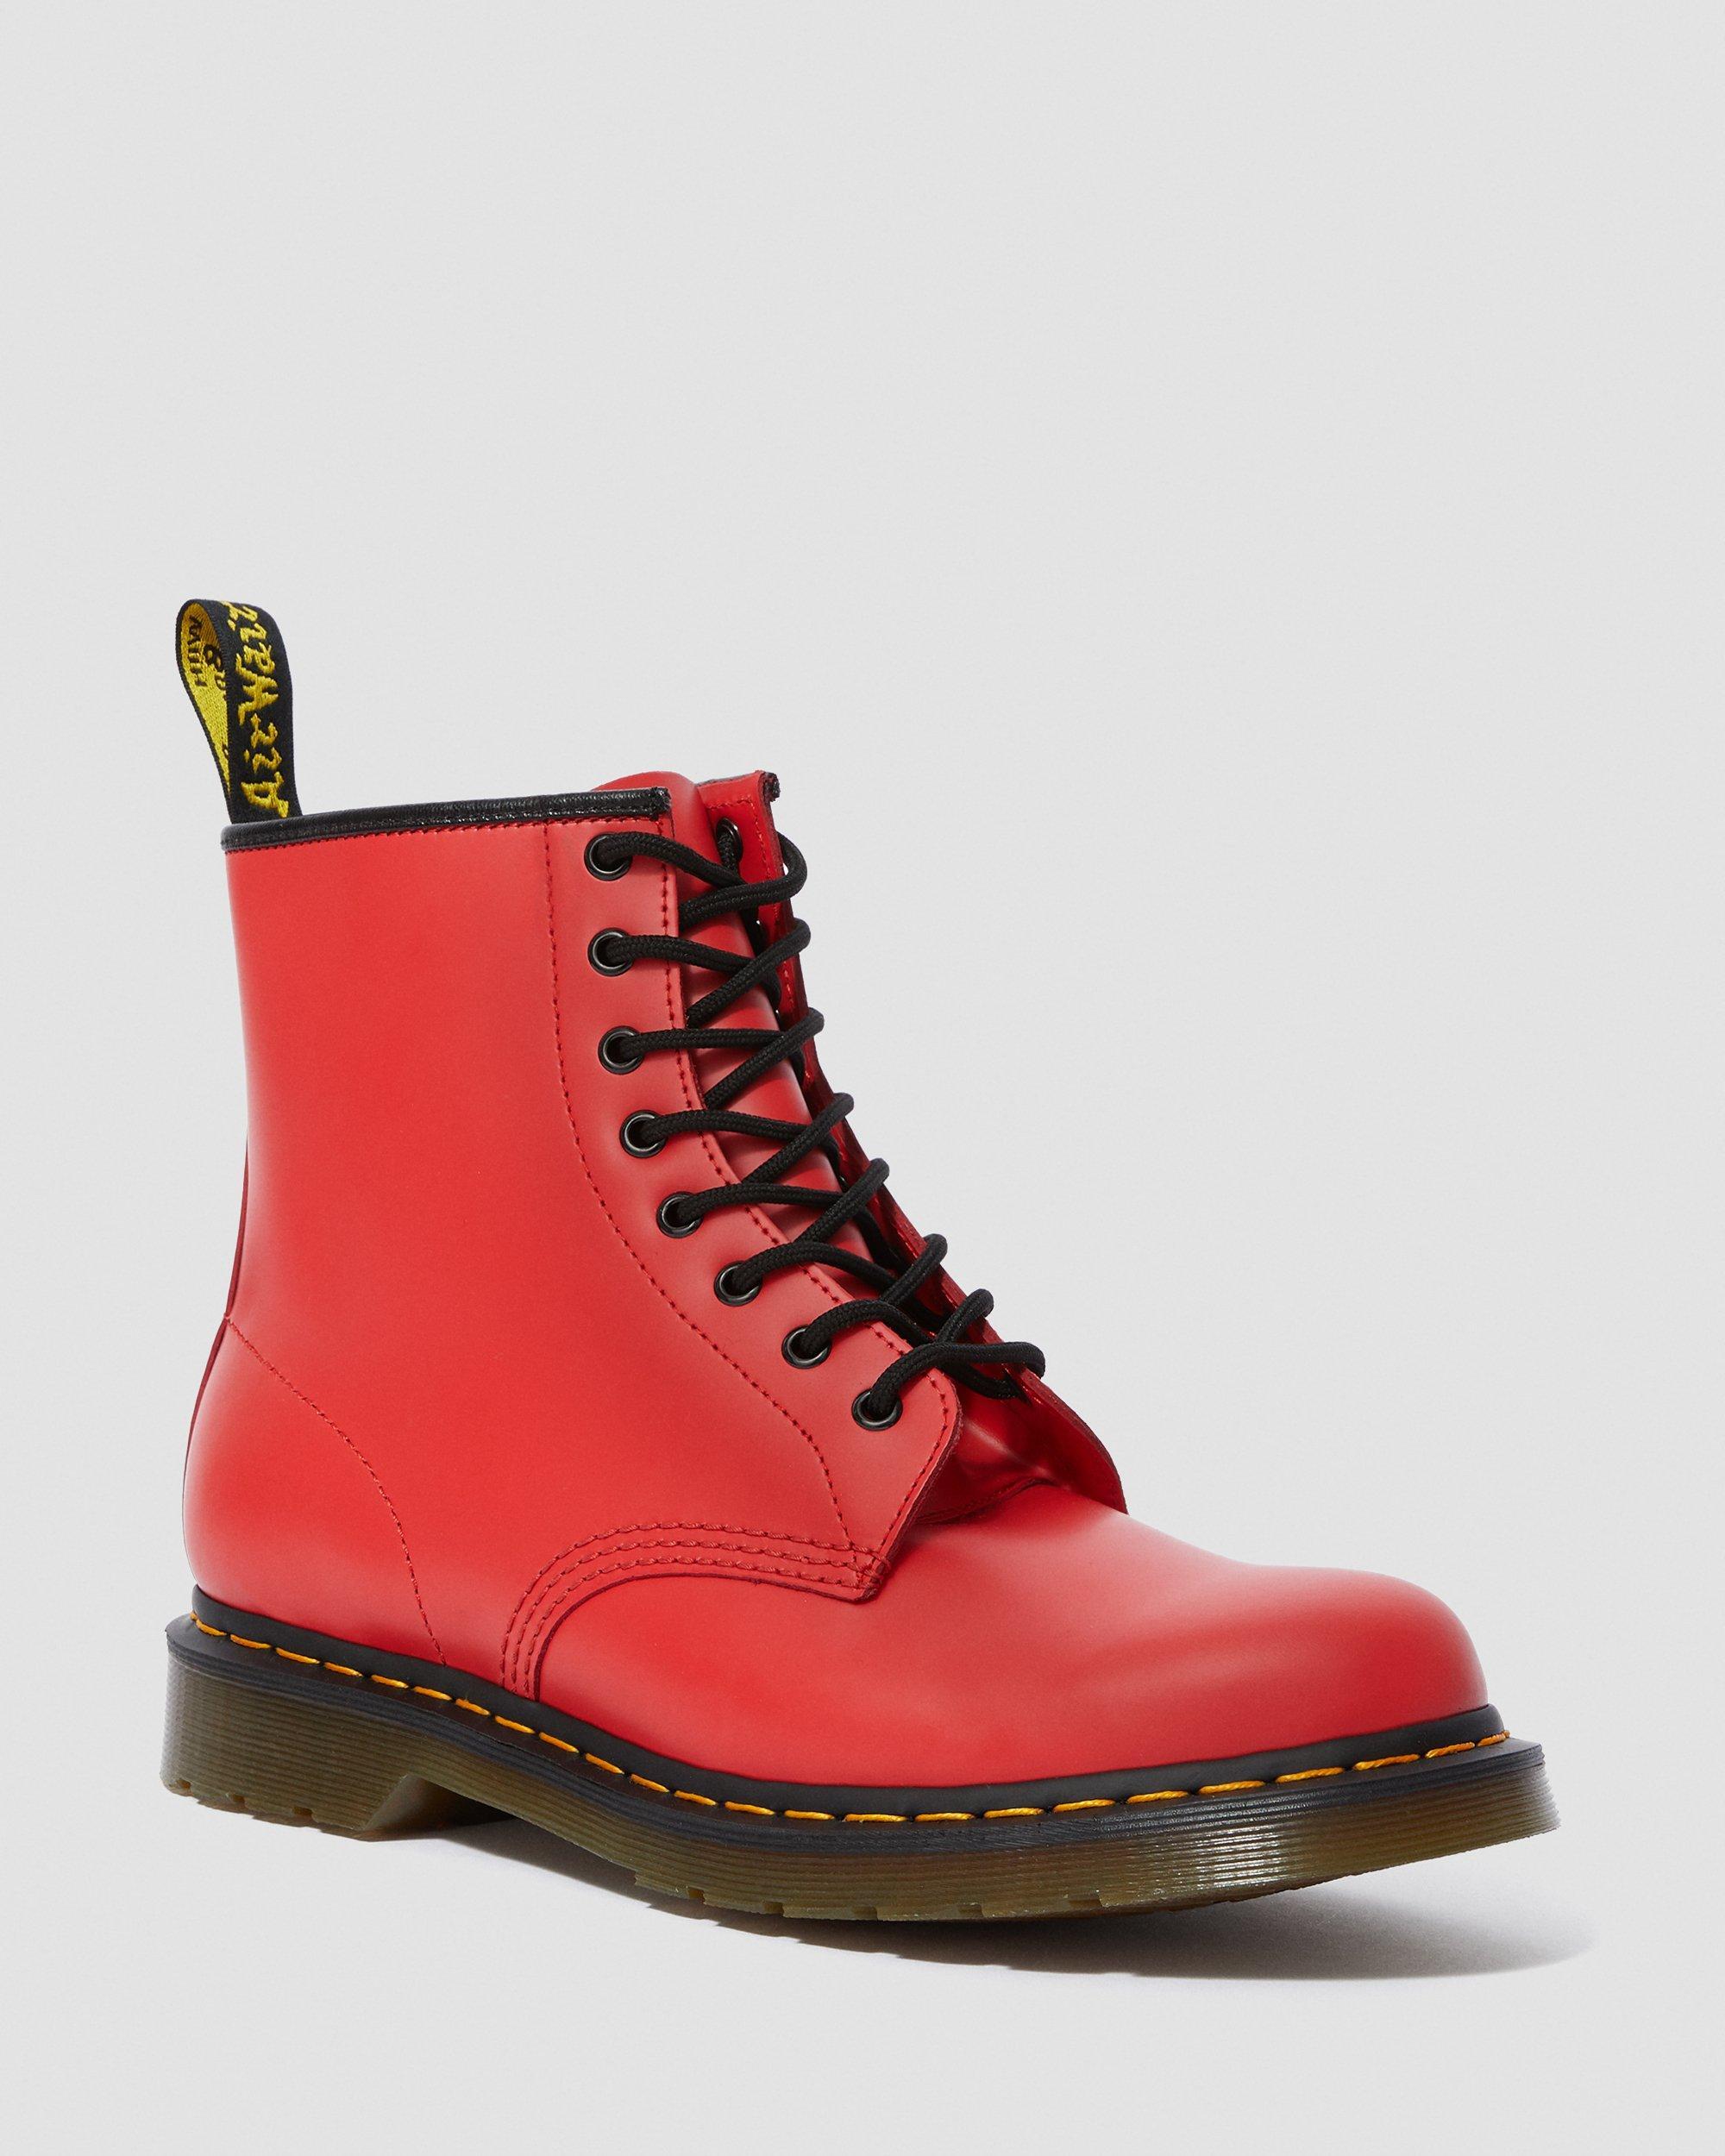 Beliebt Damen 1460 8 augen boot Red Dr. Martens Loafers